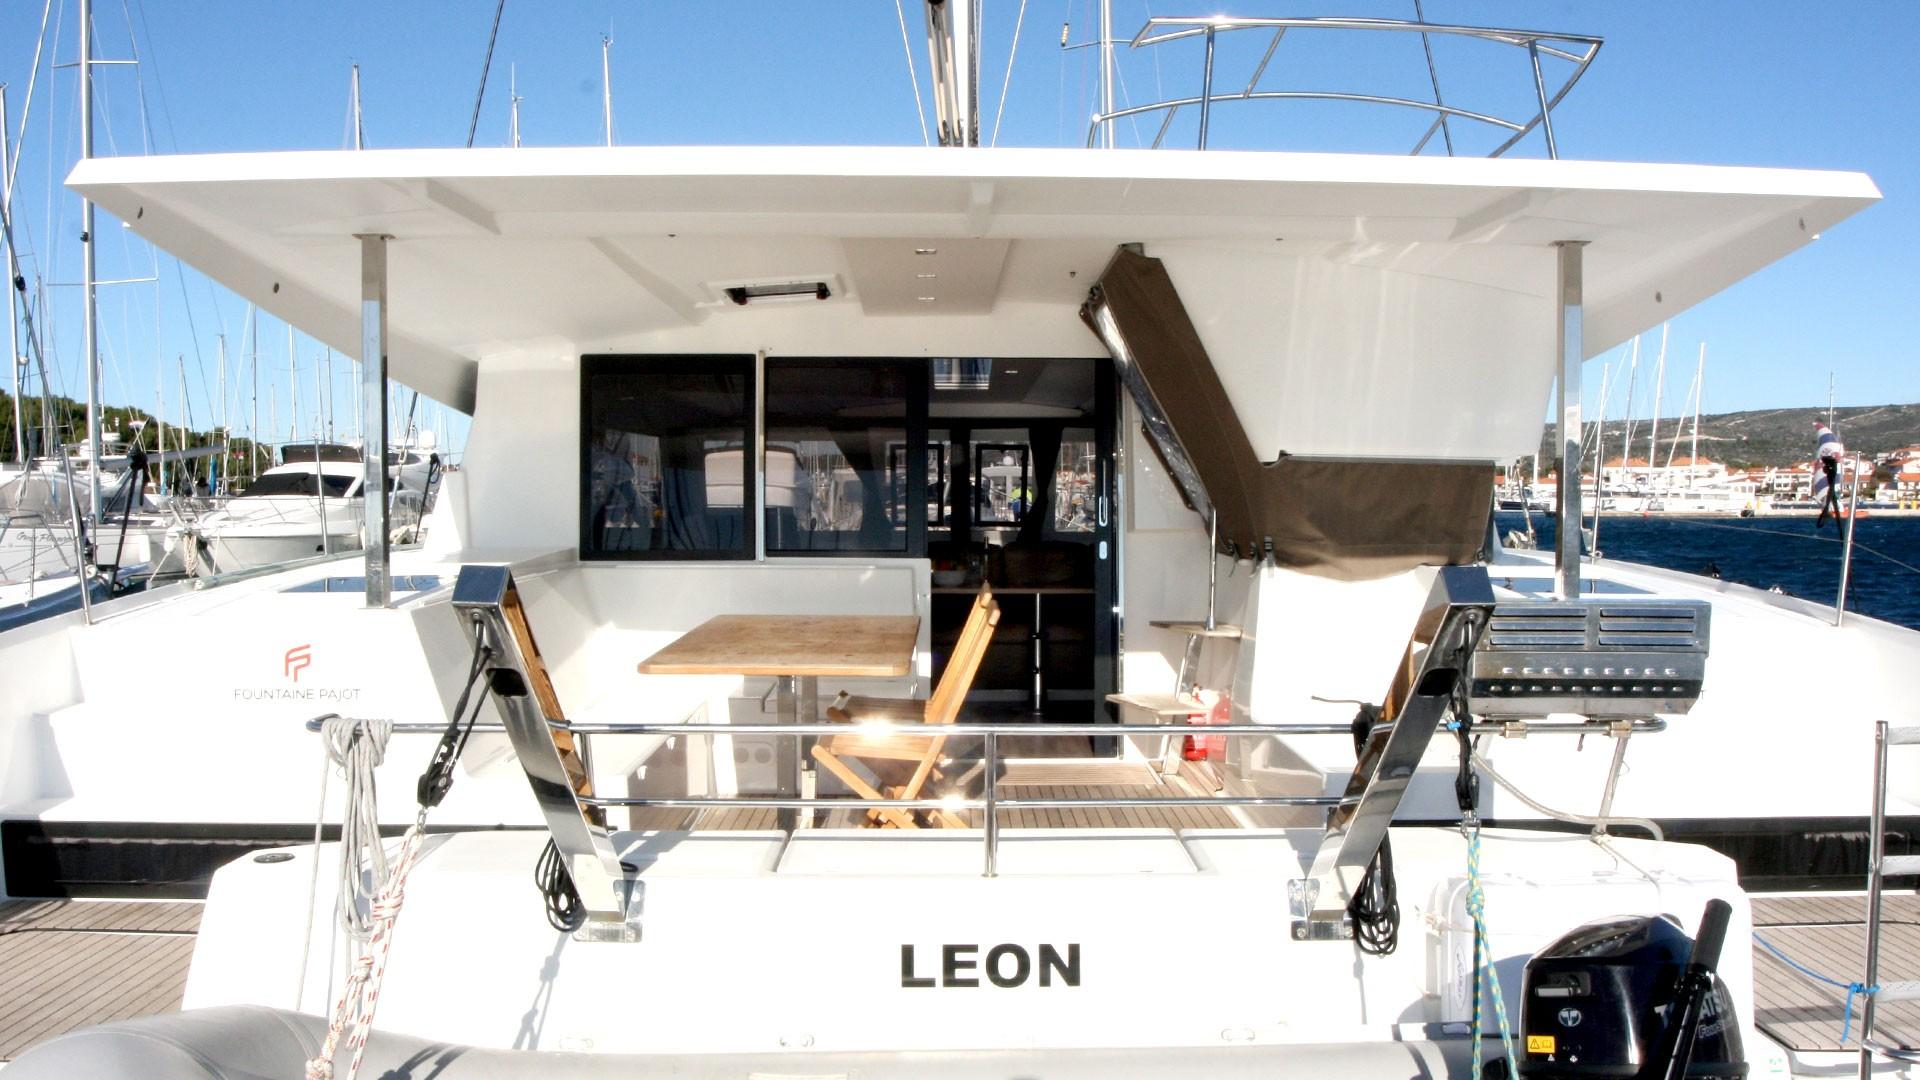 Fountaine Pajot Lucia 40, Leon | Catamaran Charter Croatia